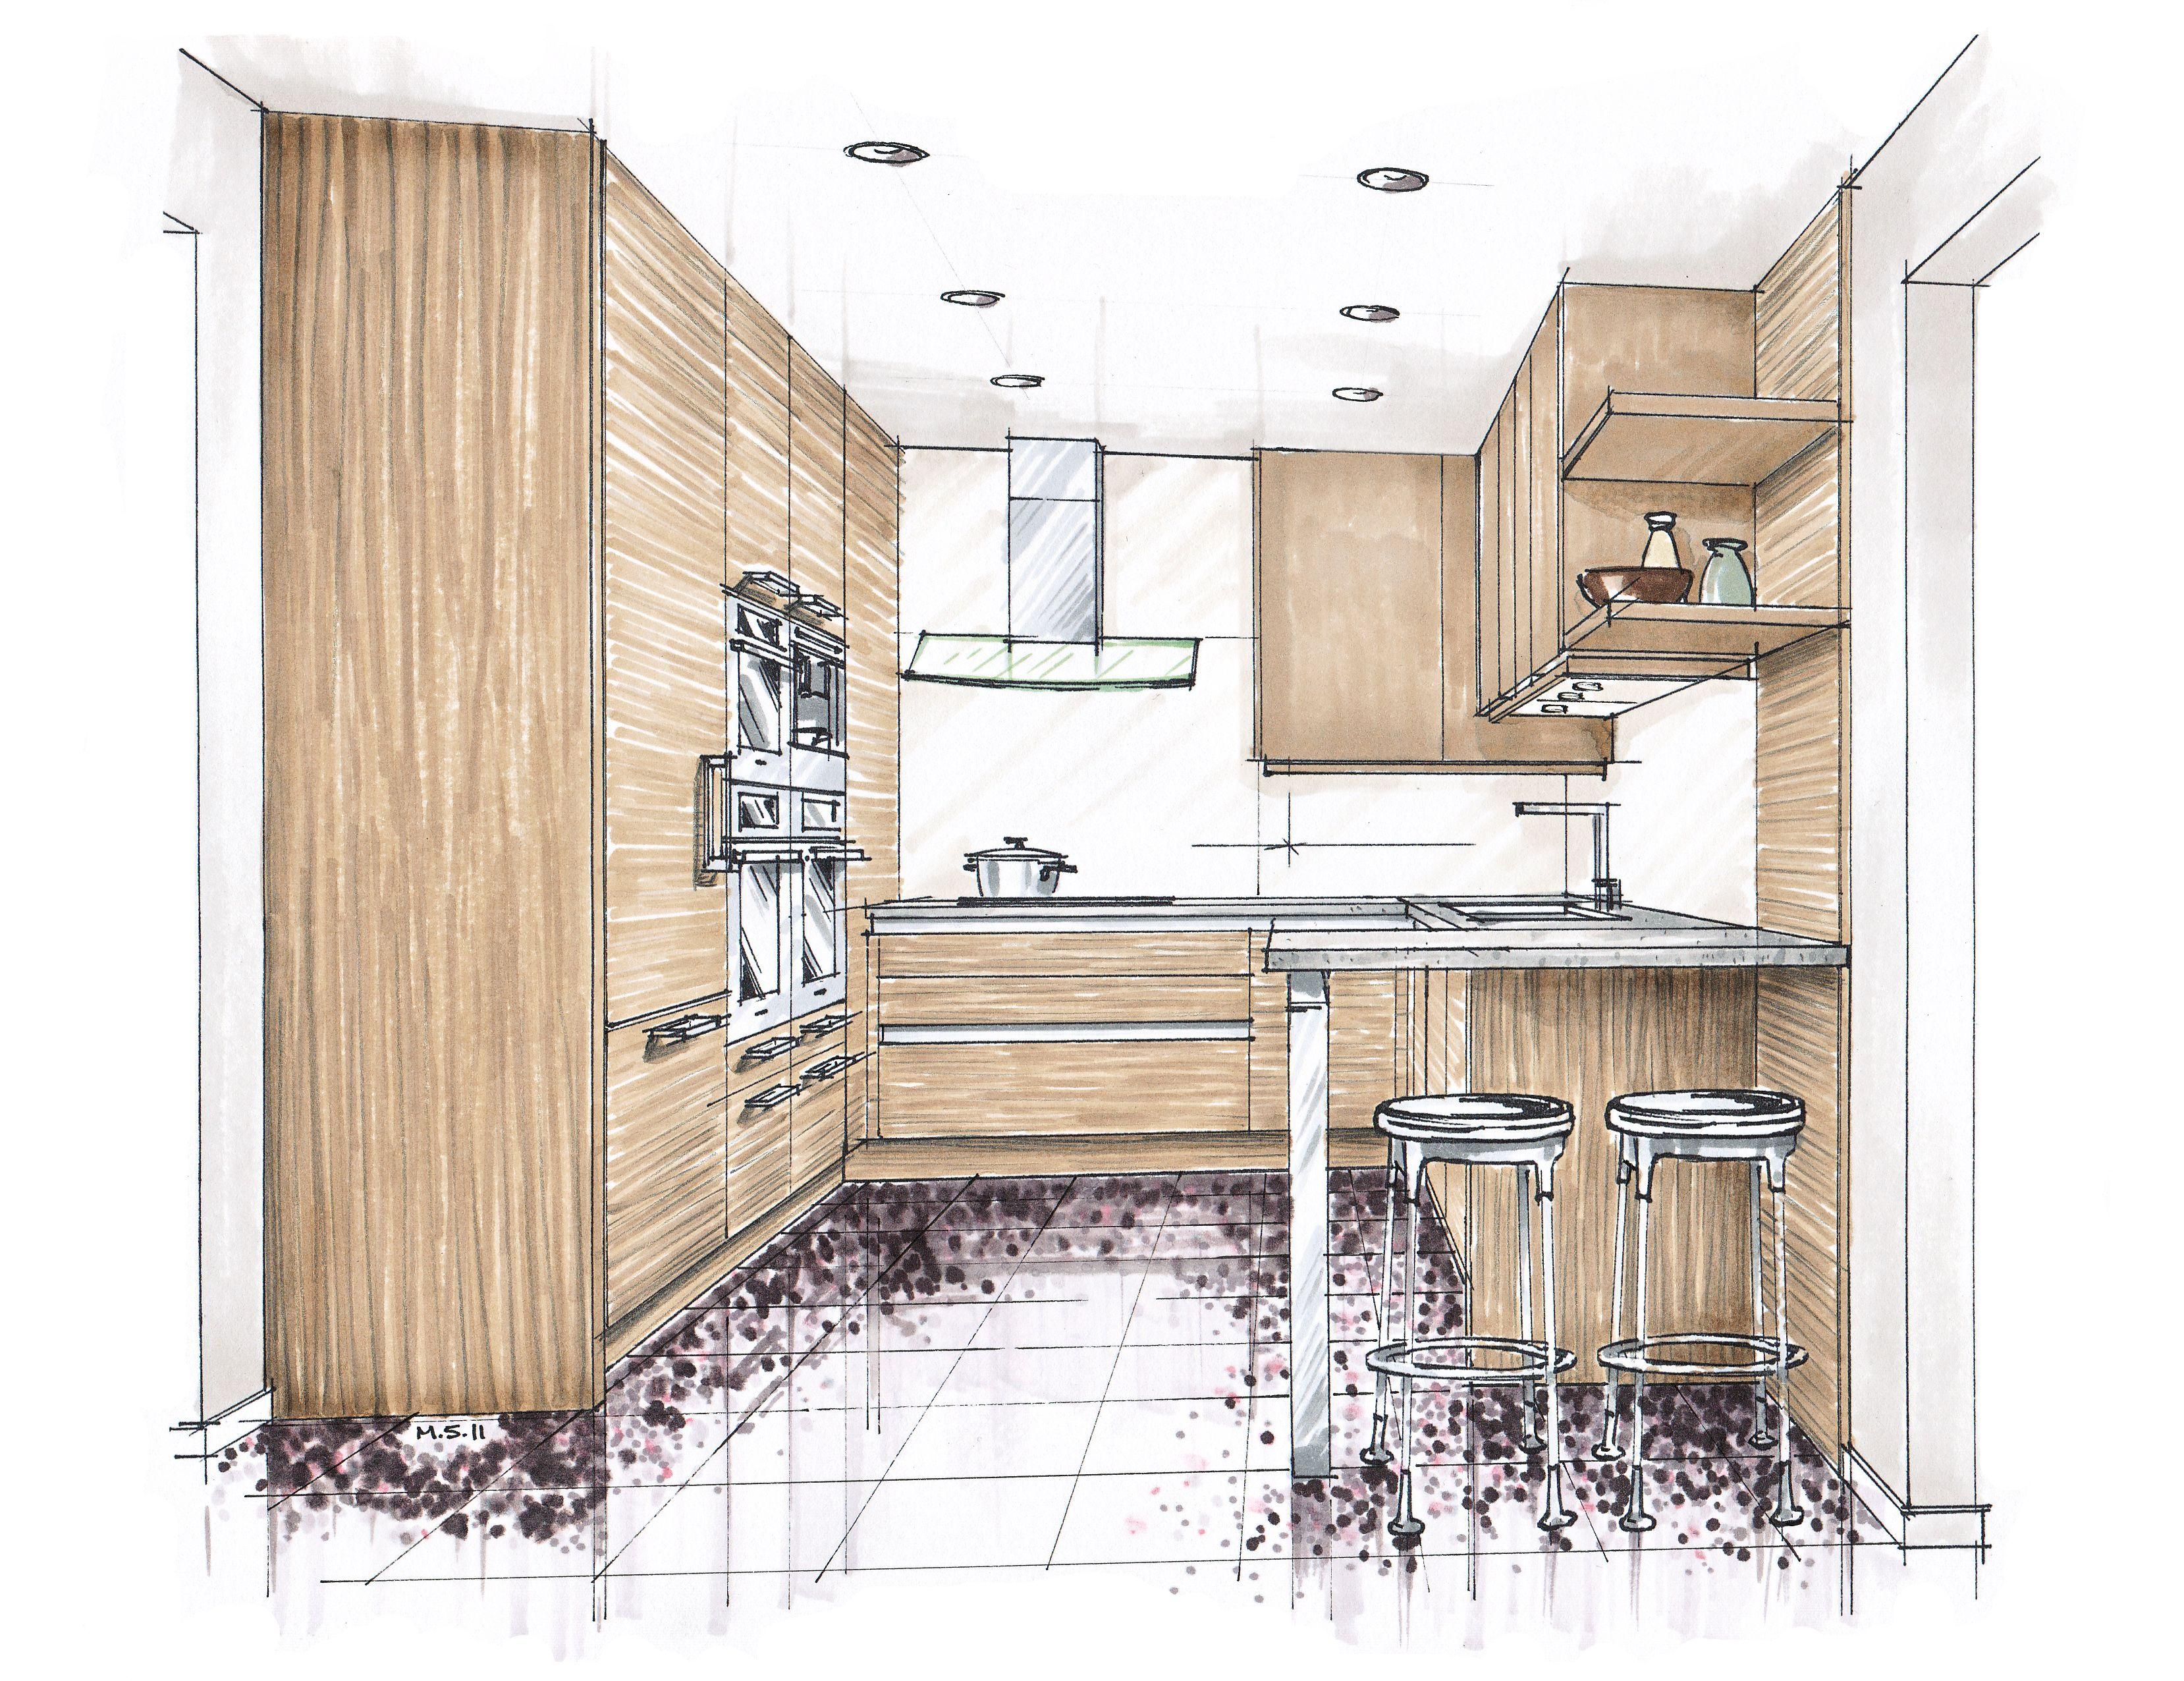 Sketch Perspective Interior Office Bedroom Into A ...  |Interior Design Color Sketches